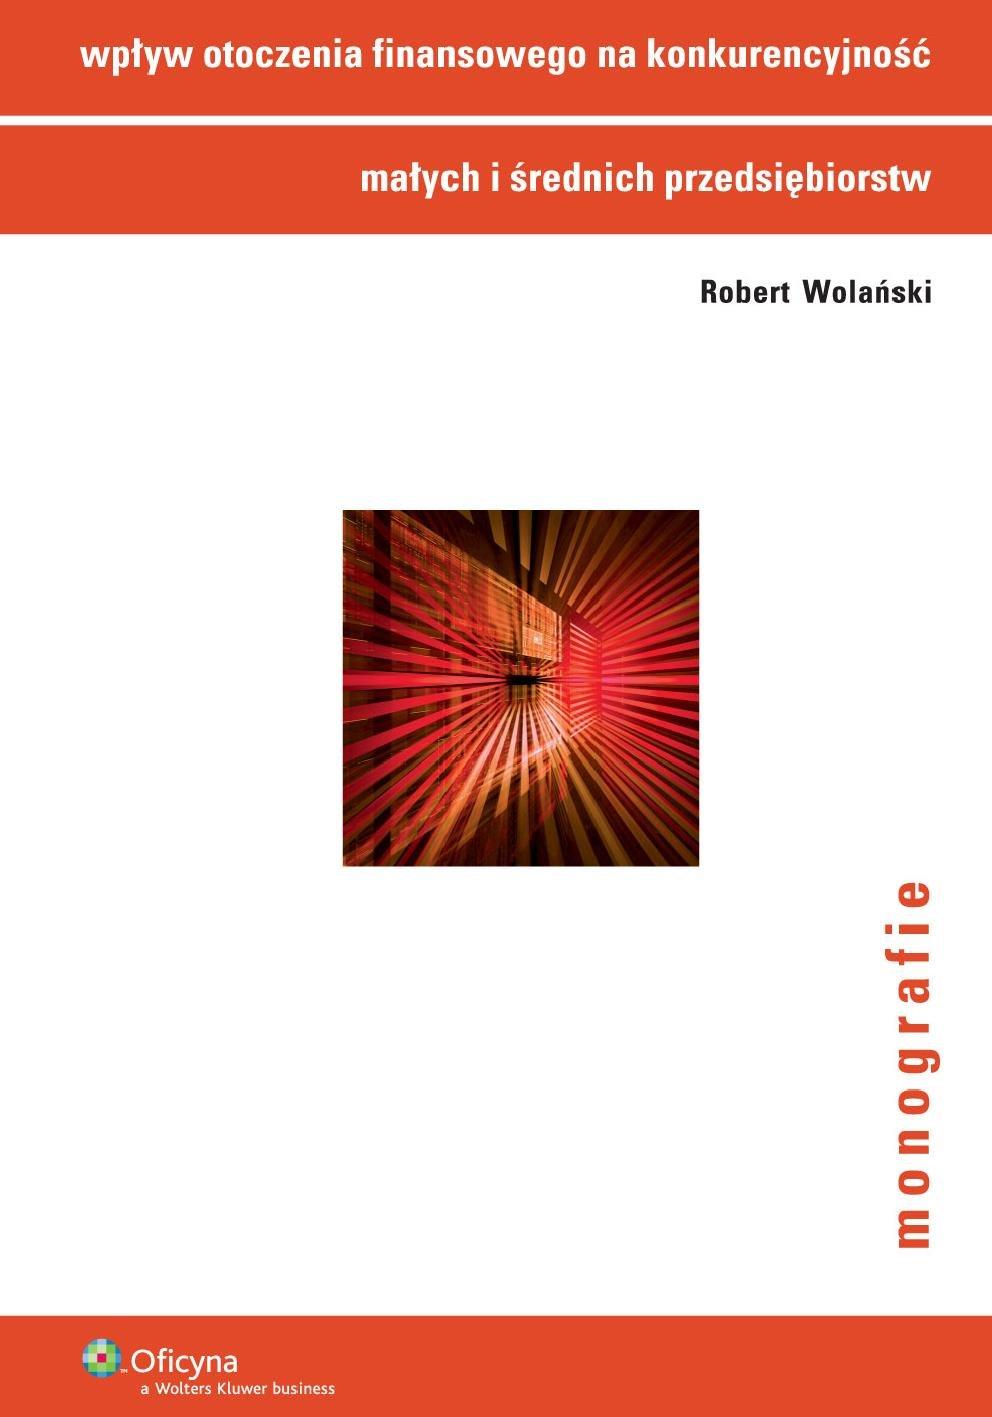 Wpływ otoczenia finansowego na konkurencyjność małych i średnich przedsiębiorstw - Ebook (Książka PDF) do pobrania w formacie PDF